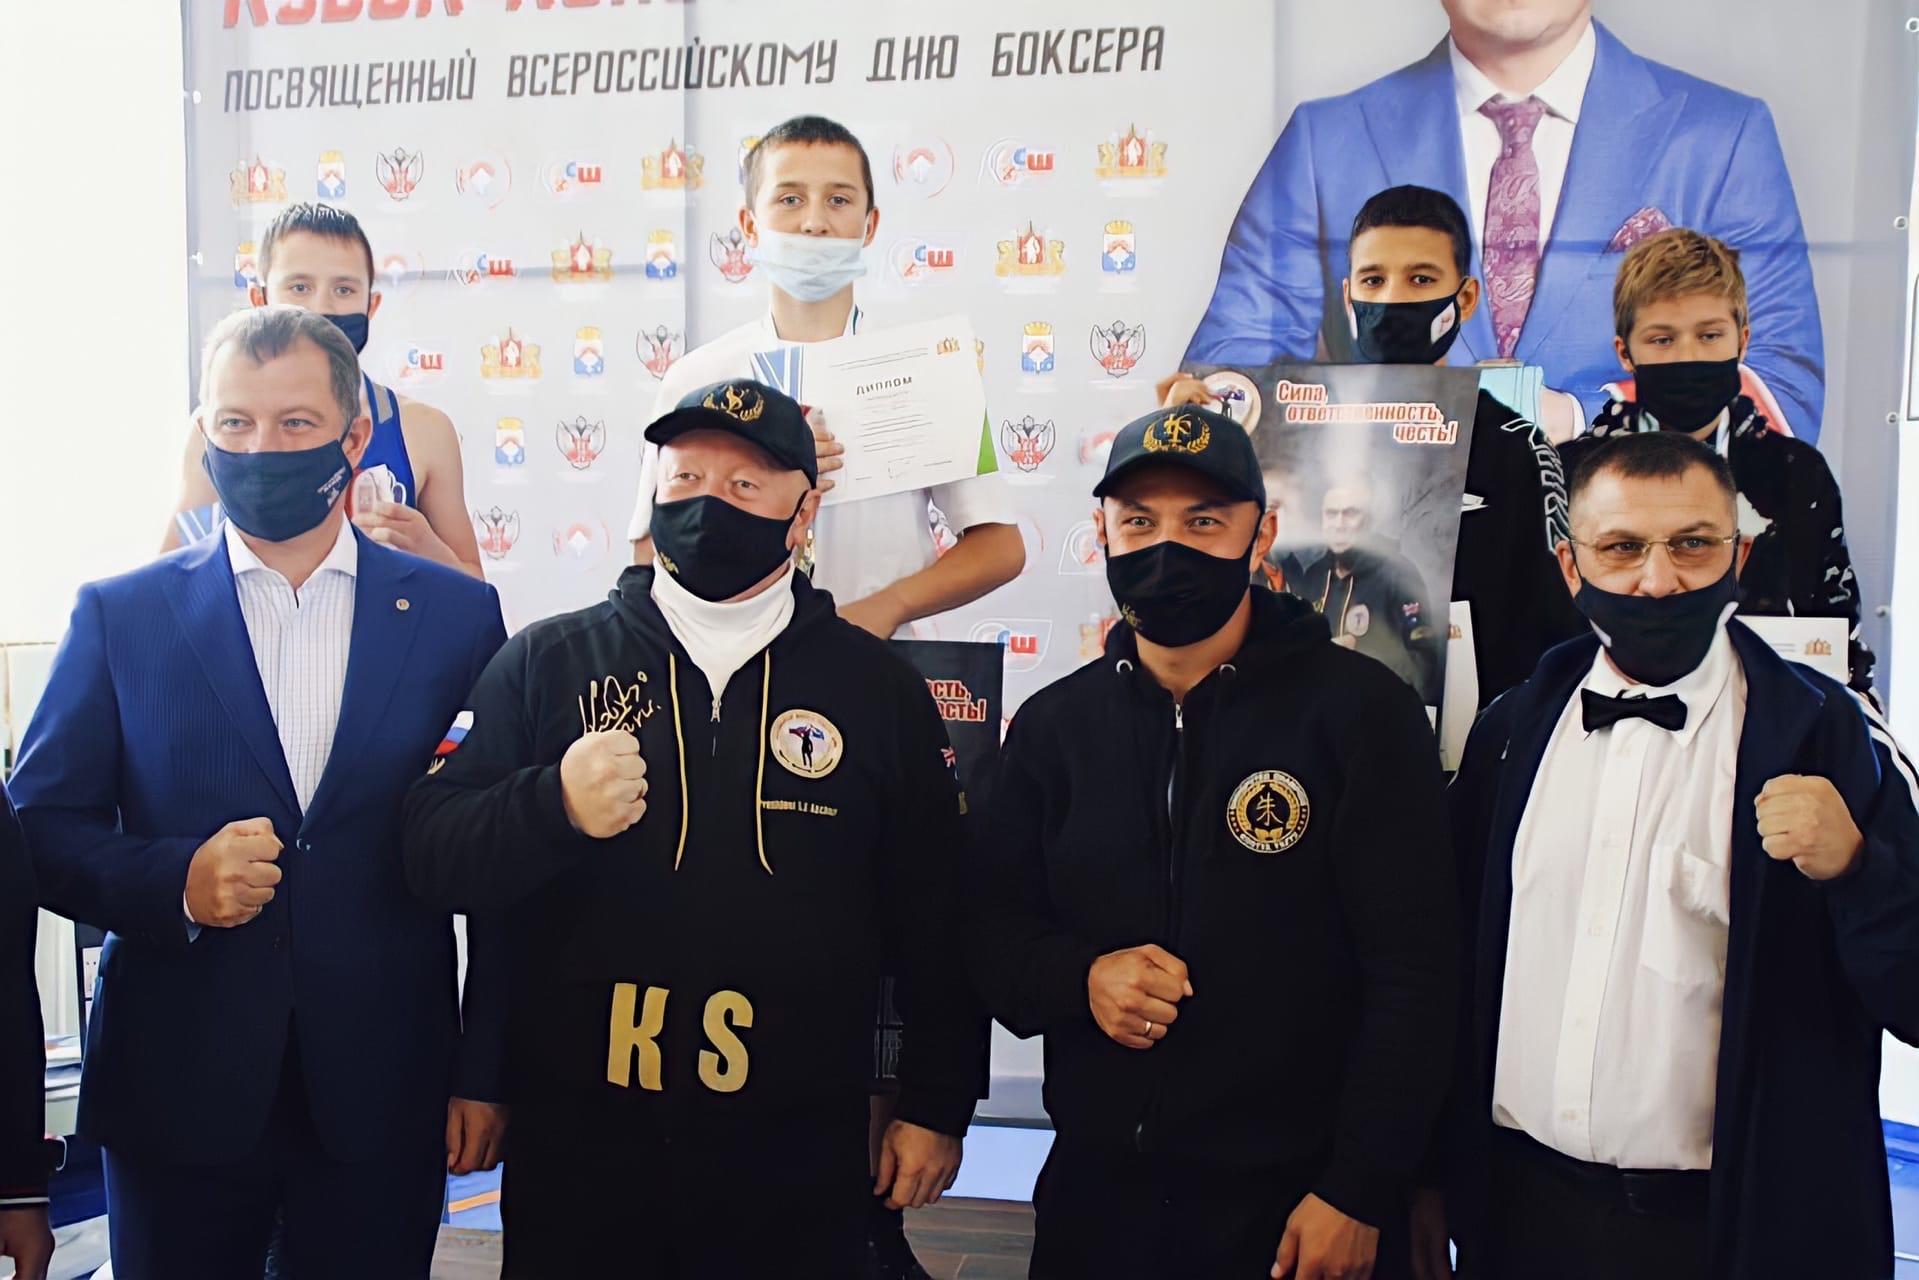 Состоялись финальные поединки ХХ областного турнира по боксу Кубок Константина Цзю